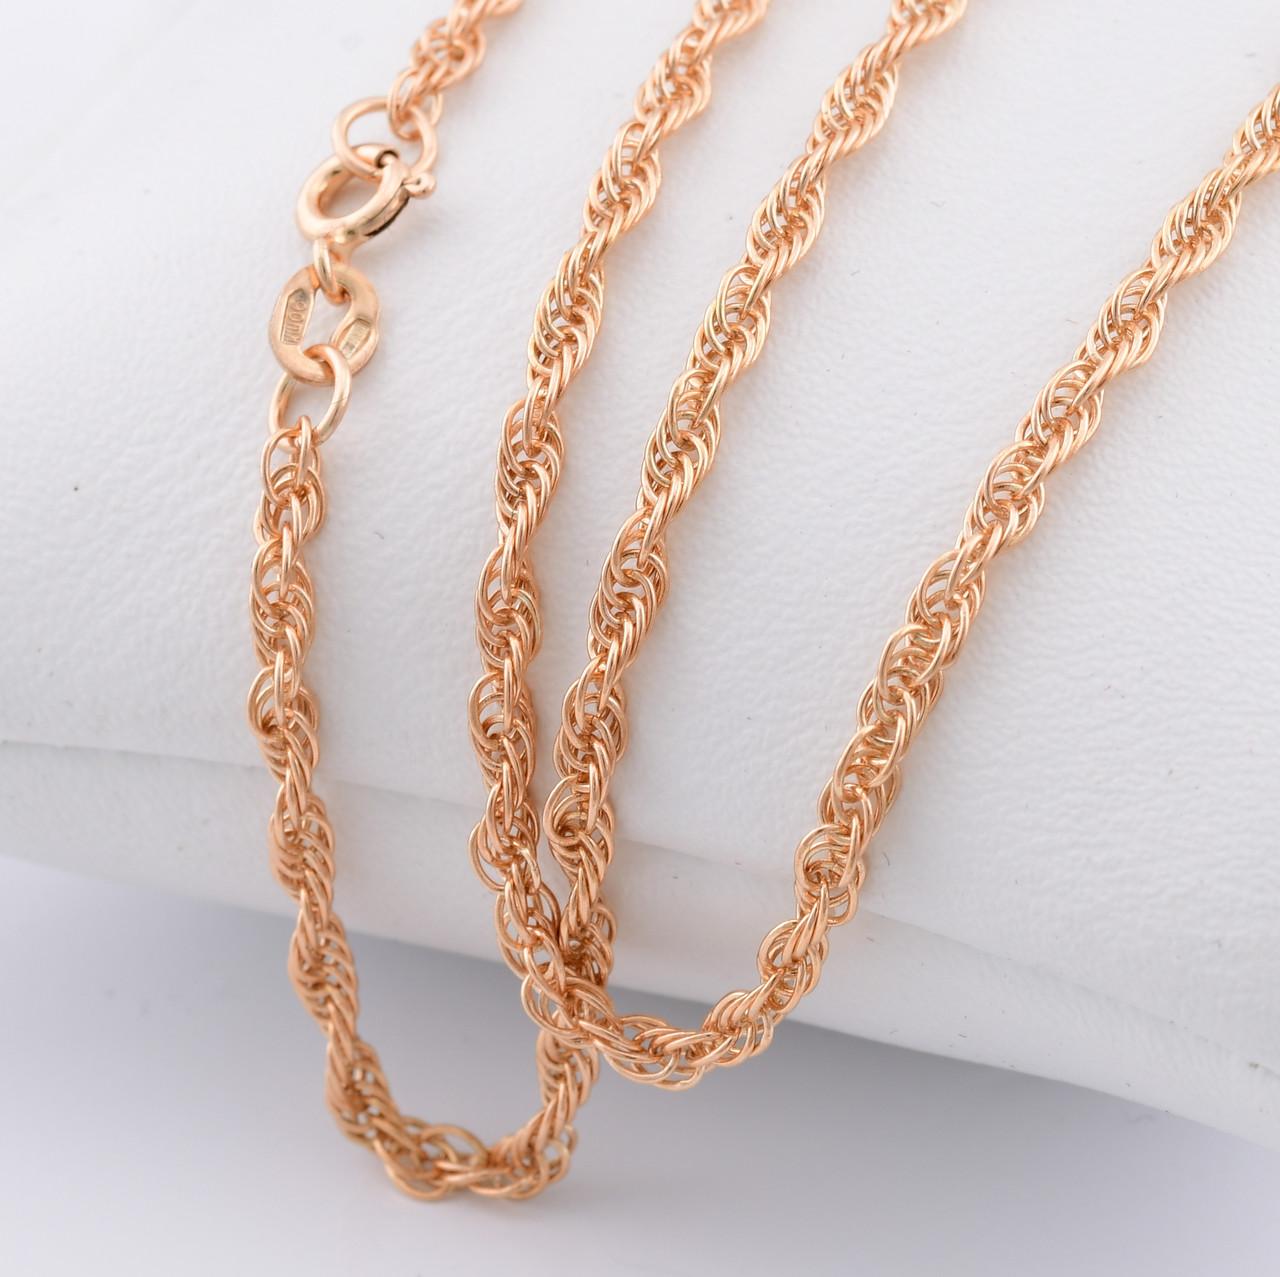 """Серебряная цепочка позолоченная """"Верёвочка"""", ширина 2.5 мм, вес 5.92 г, длина 45 см"""